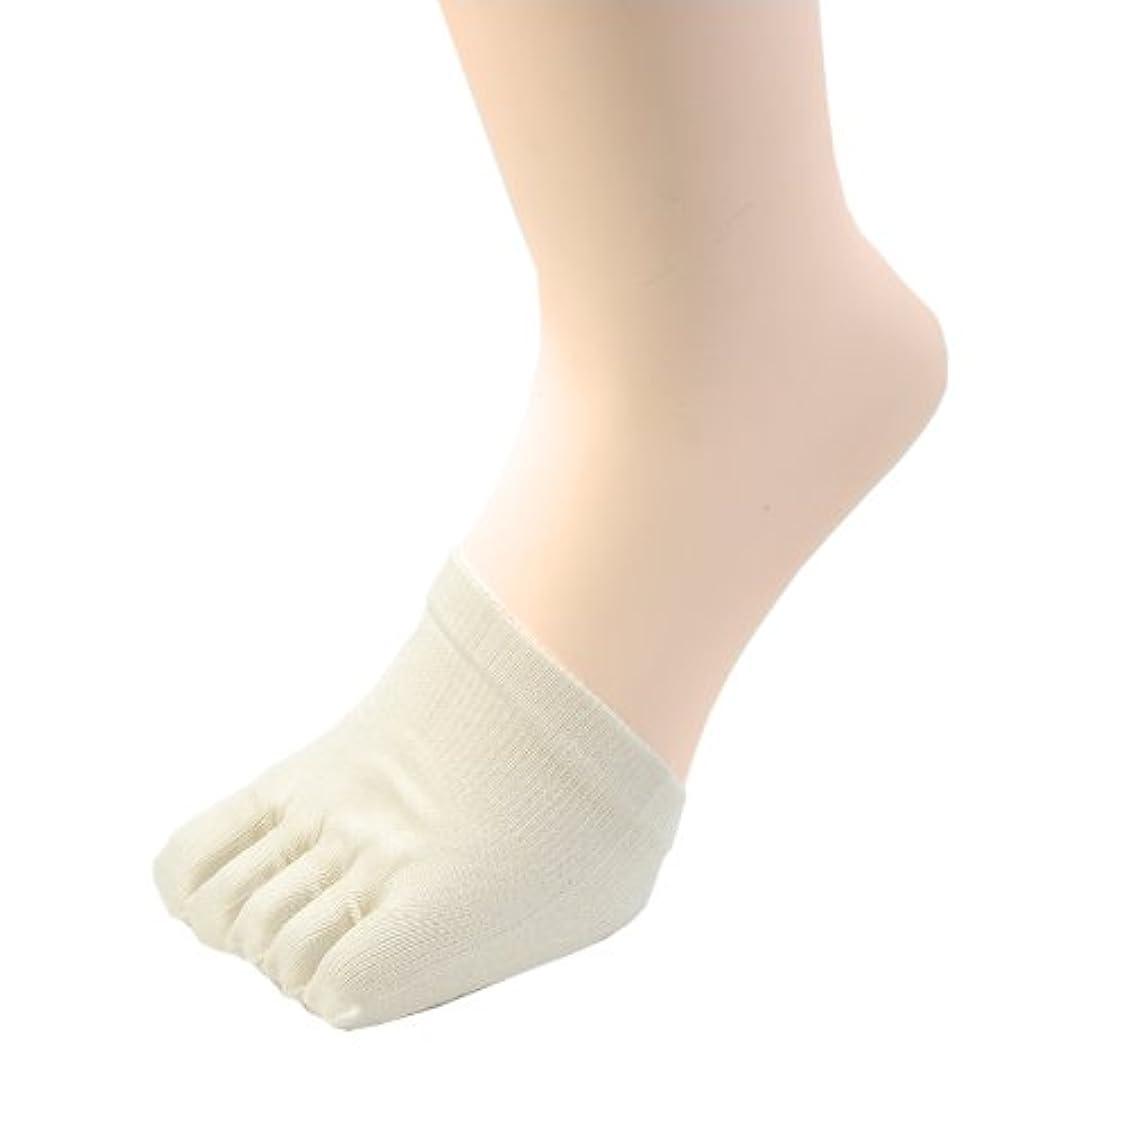 保全ブリッジ発表する冷えとり 絹 ( シルク )100% ハーフ 5本指 下履き (クツしたイン) ソックス 着圧健康ソックスの必需品! 2足組 #685